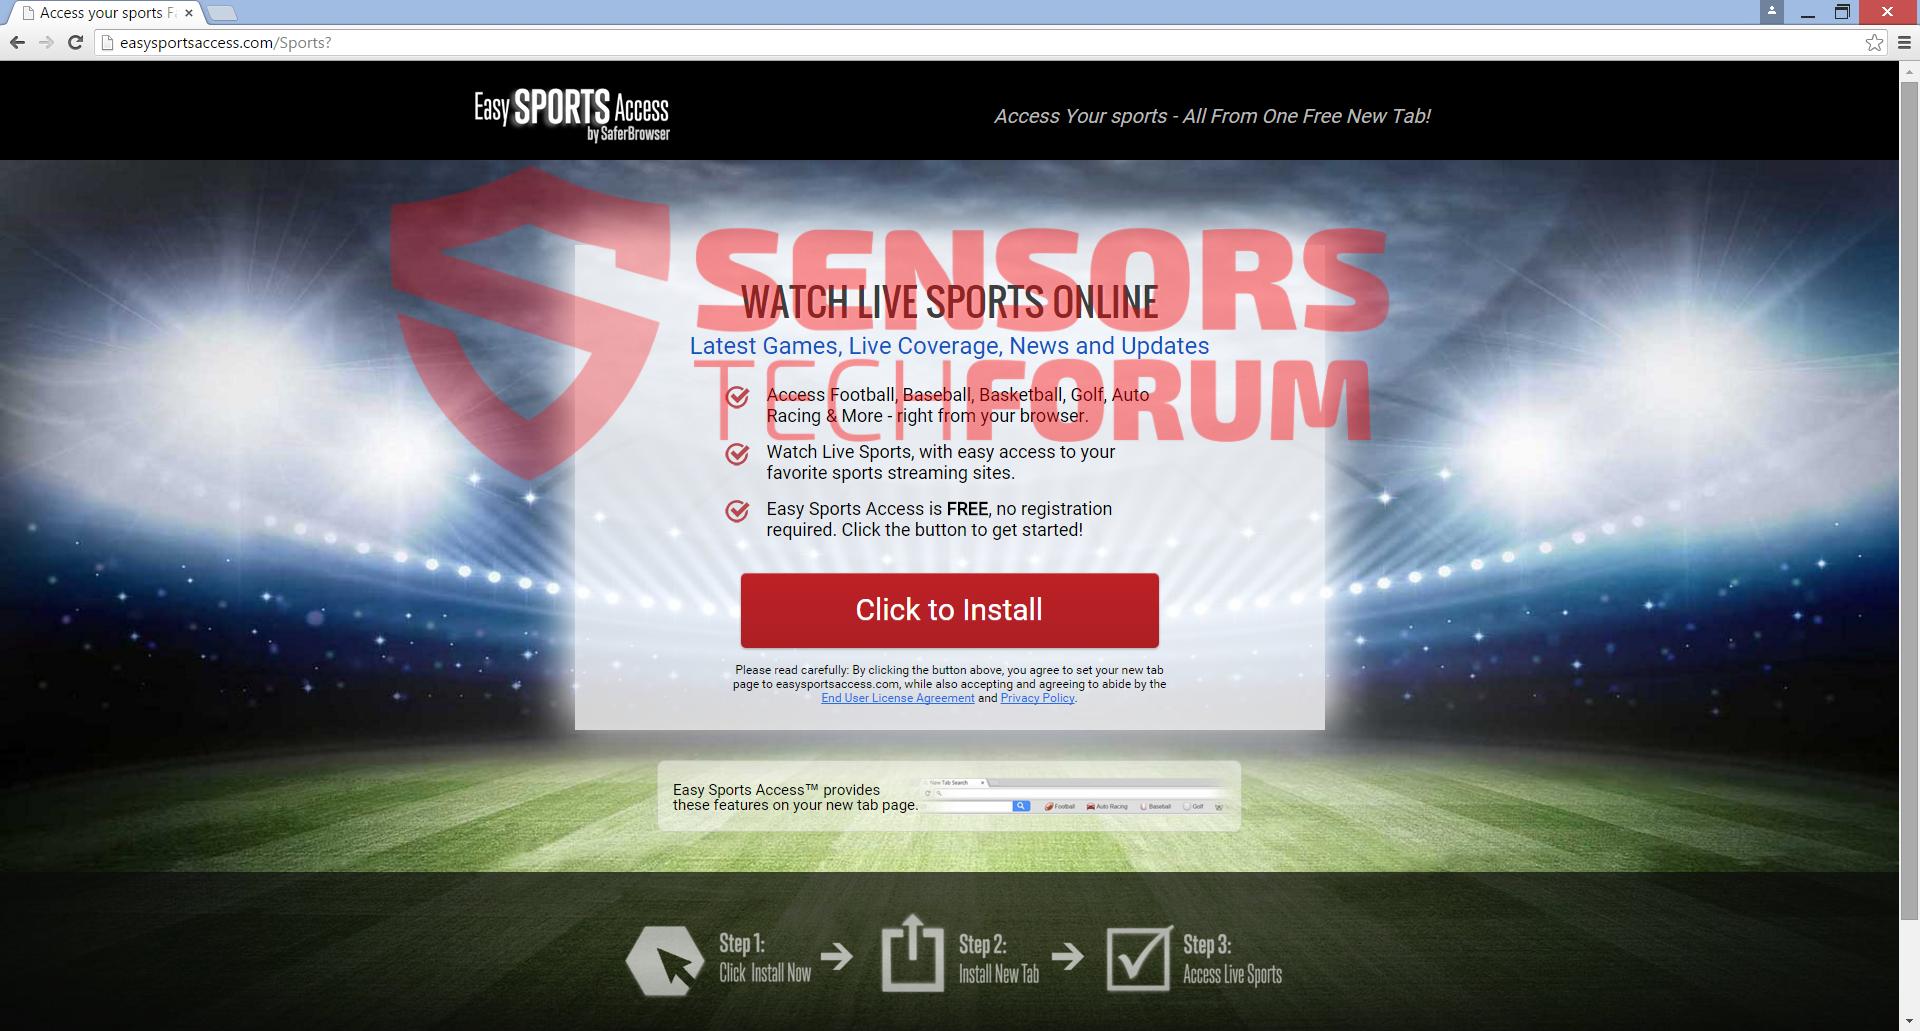 -Navegador-easysportsaccess barra de herramientas principal de sitio secuestrador a instalar